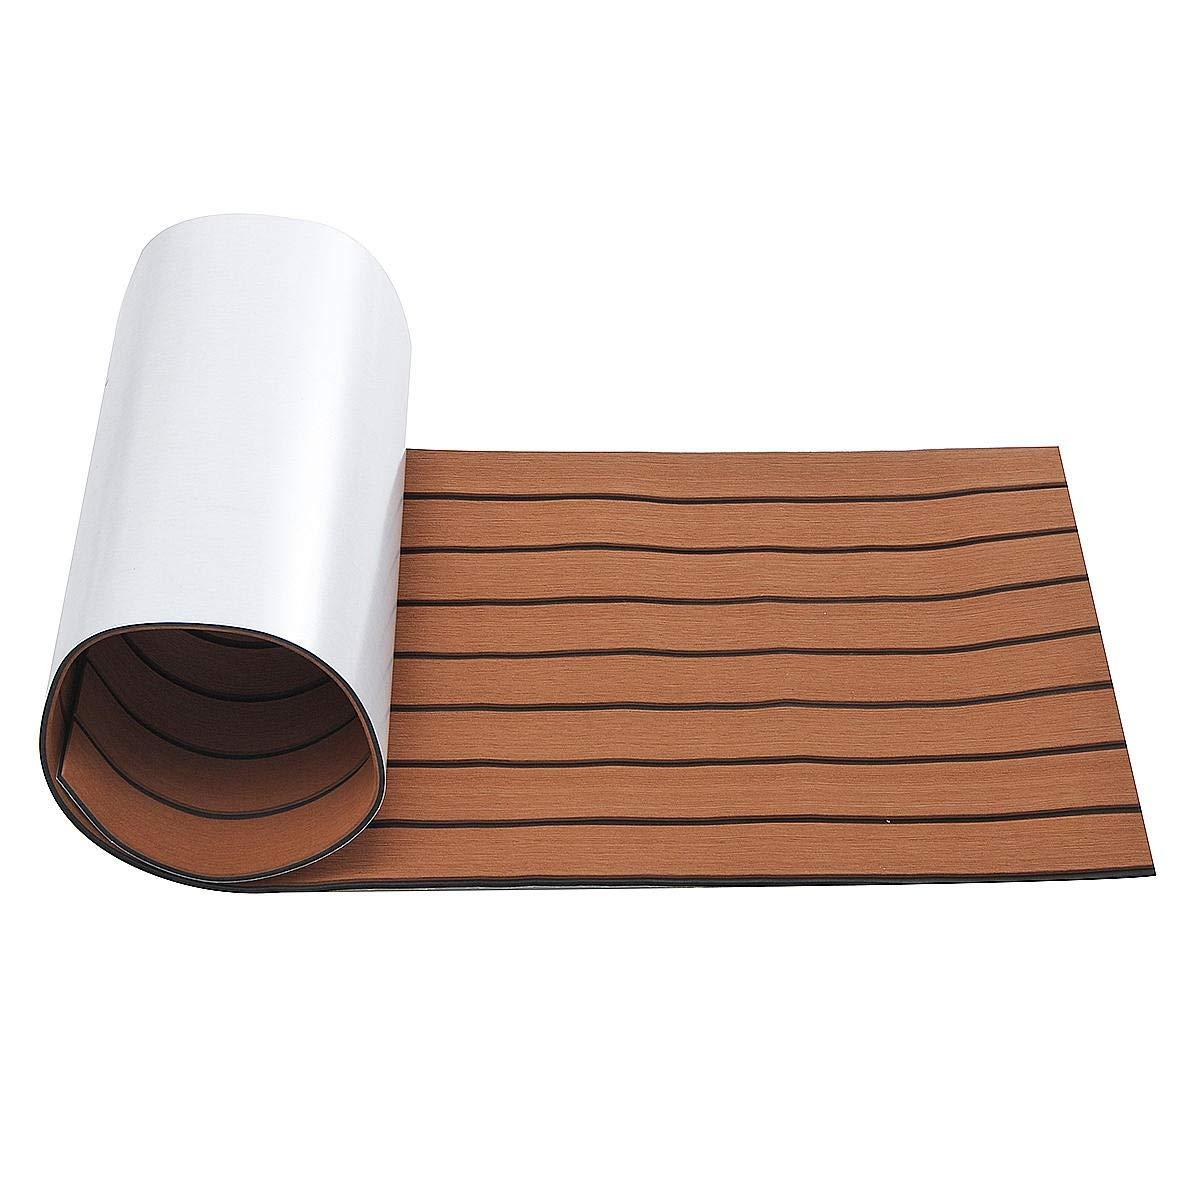 Piso Del Barco Barco Mat autoadhesivo Plataforma Yate Hoja de escalera Alfombra Marina piso de EVA espuma de color marrón imitación de teca (tamaño : L): Amazon.es: Bricolaje y herramientas